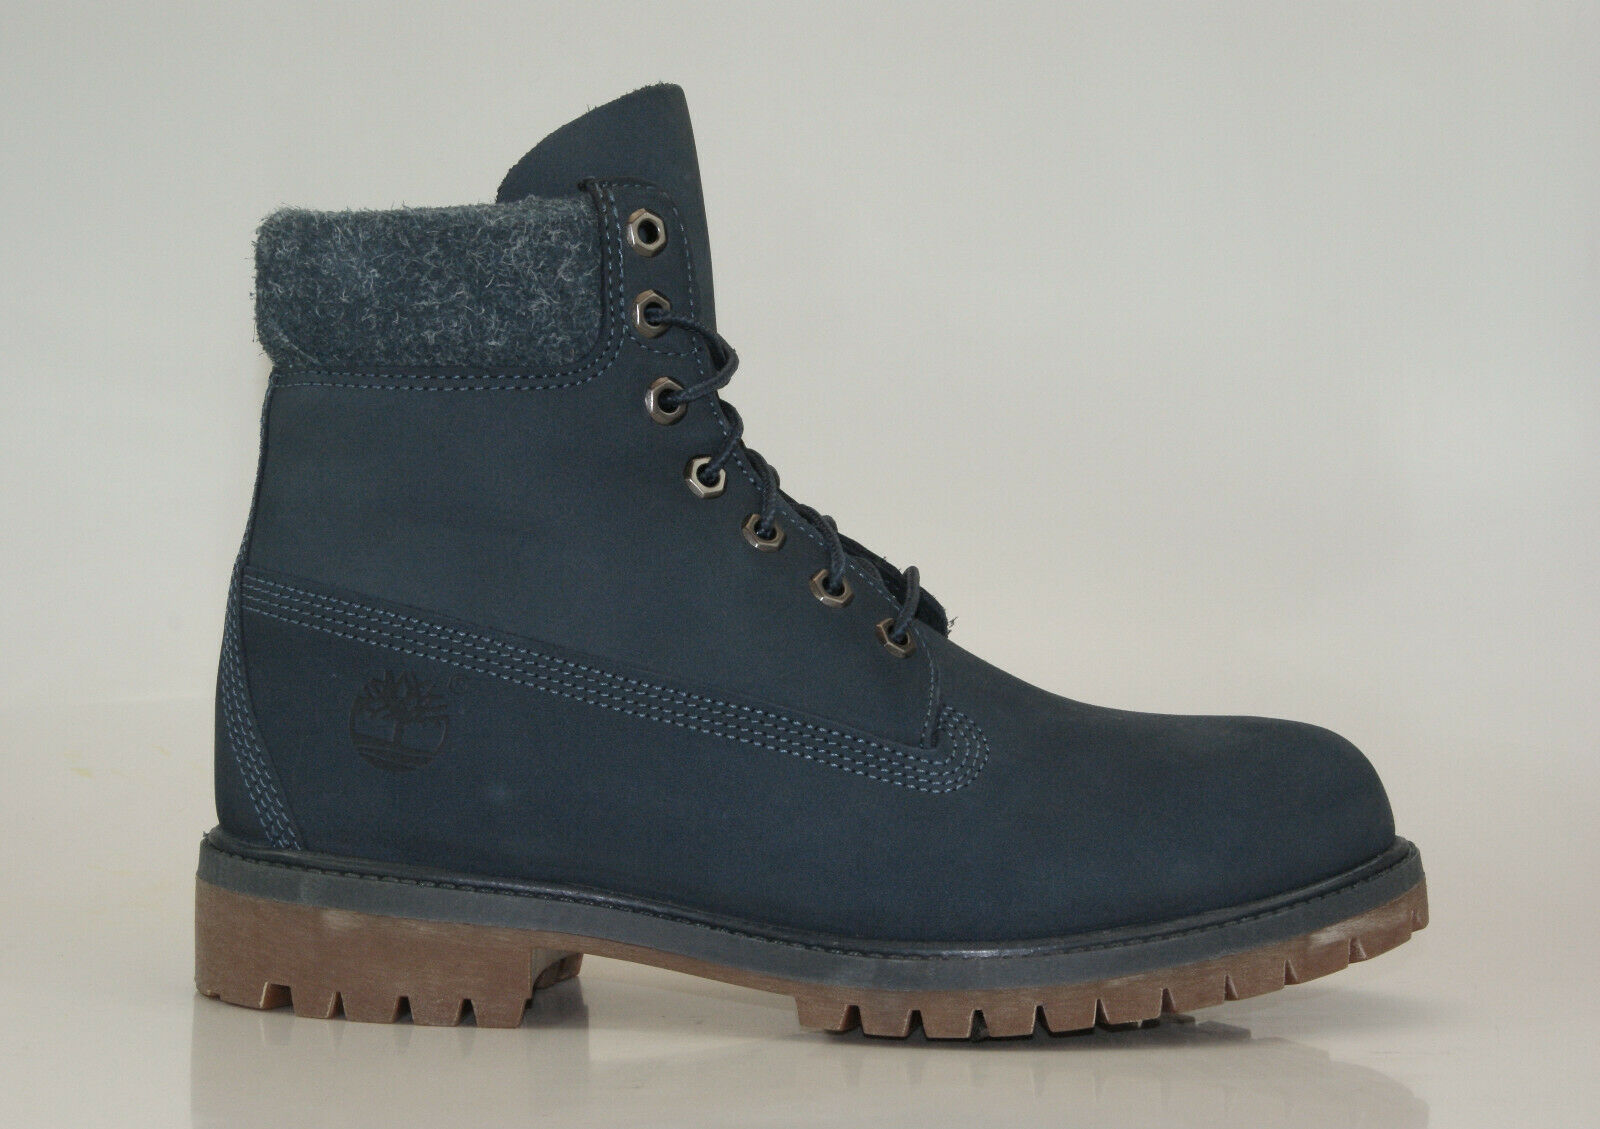 Timberland 6 Inch Premium Stiefel Waterproof Herren Schnürstiefel Schuhe A1UEU    | Am praktischsten